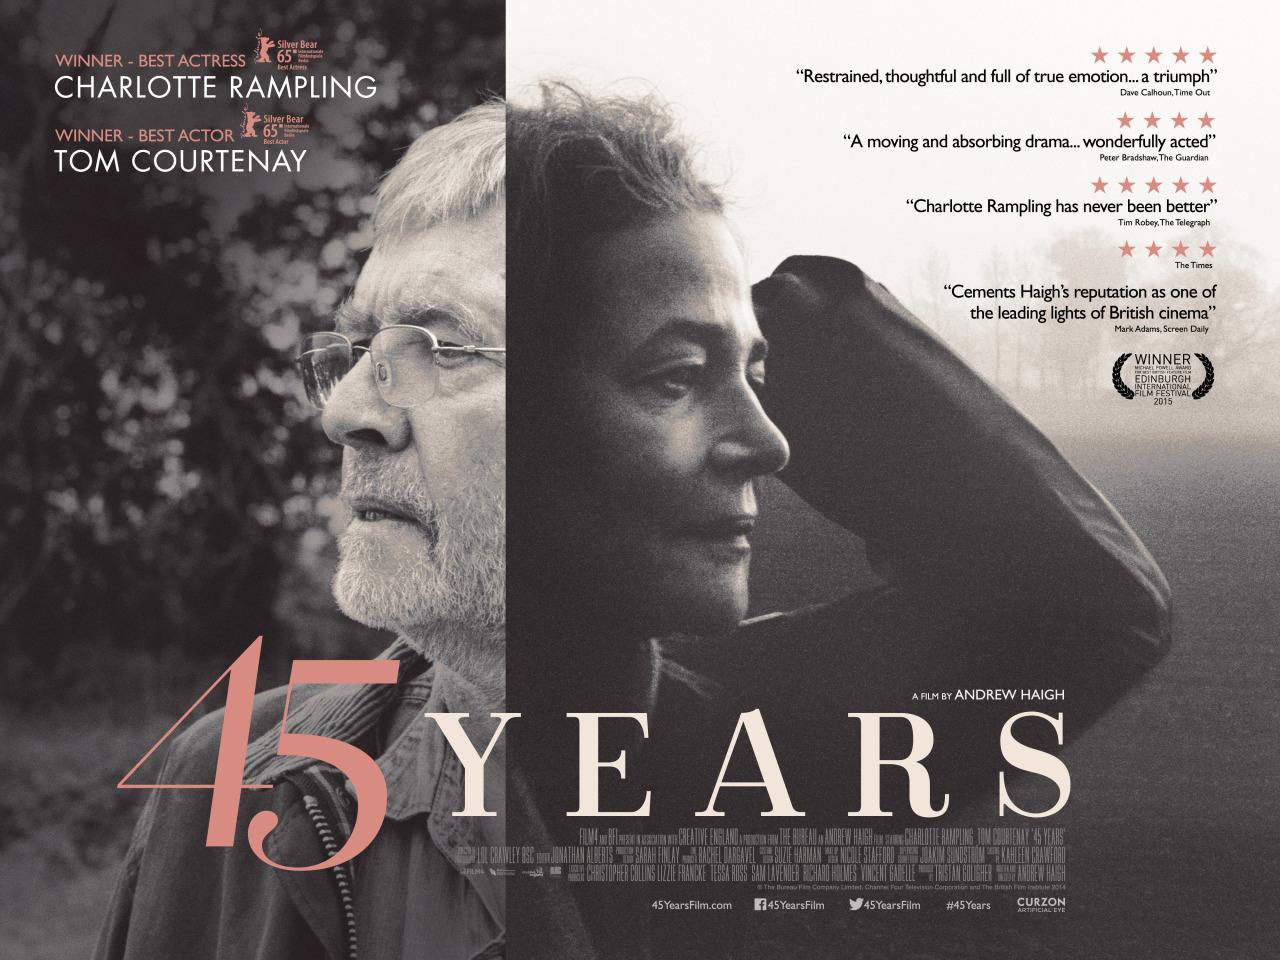 45 years (2015)dvdplanetstorepk